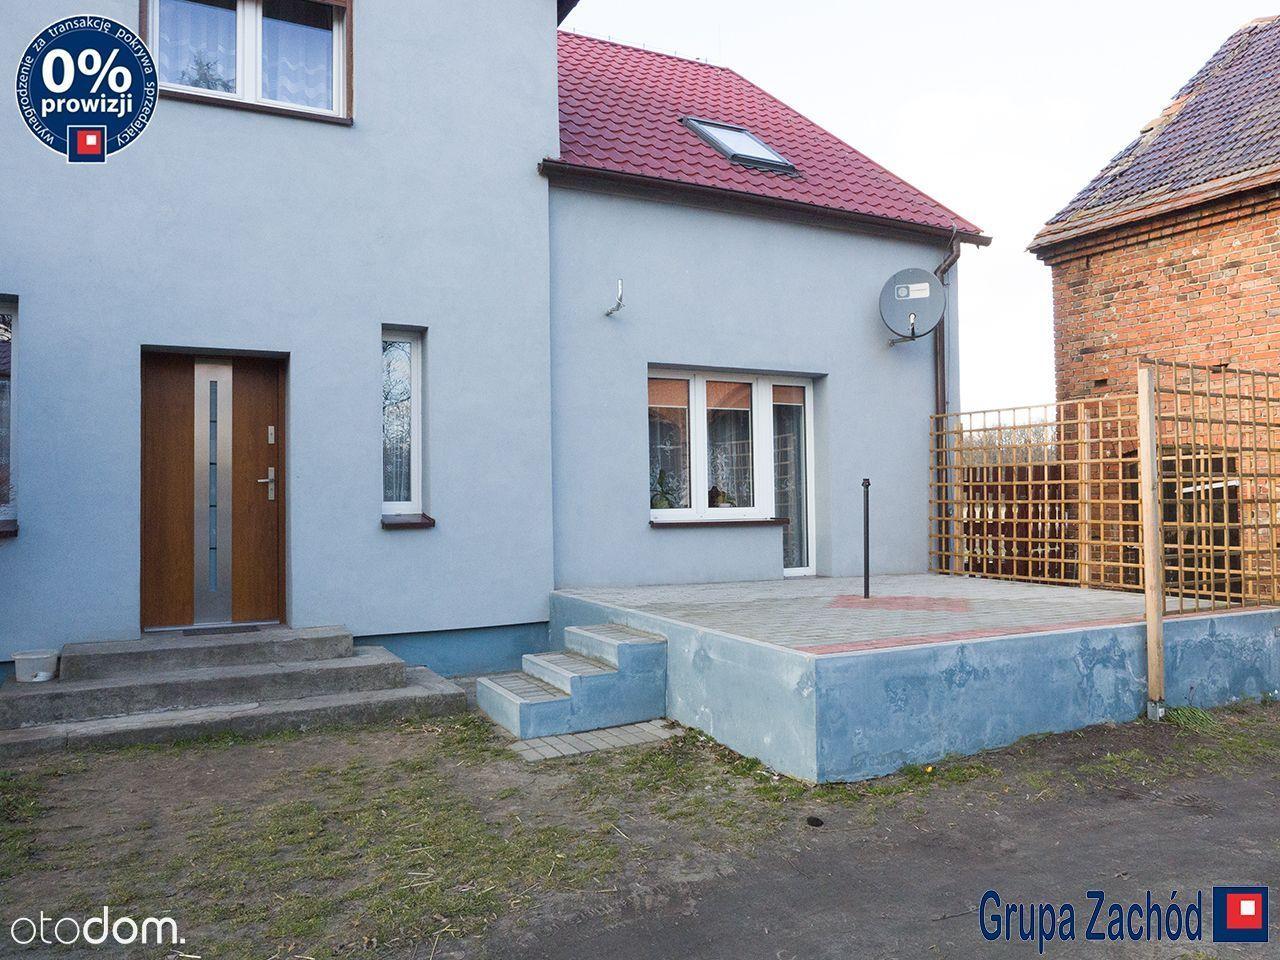 Dom dwurodzinny, Łagiszyn, Leszno, Góra, sprzedaż.